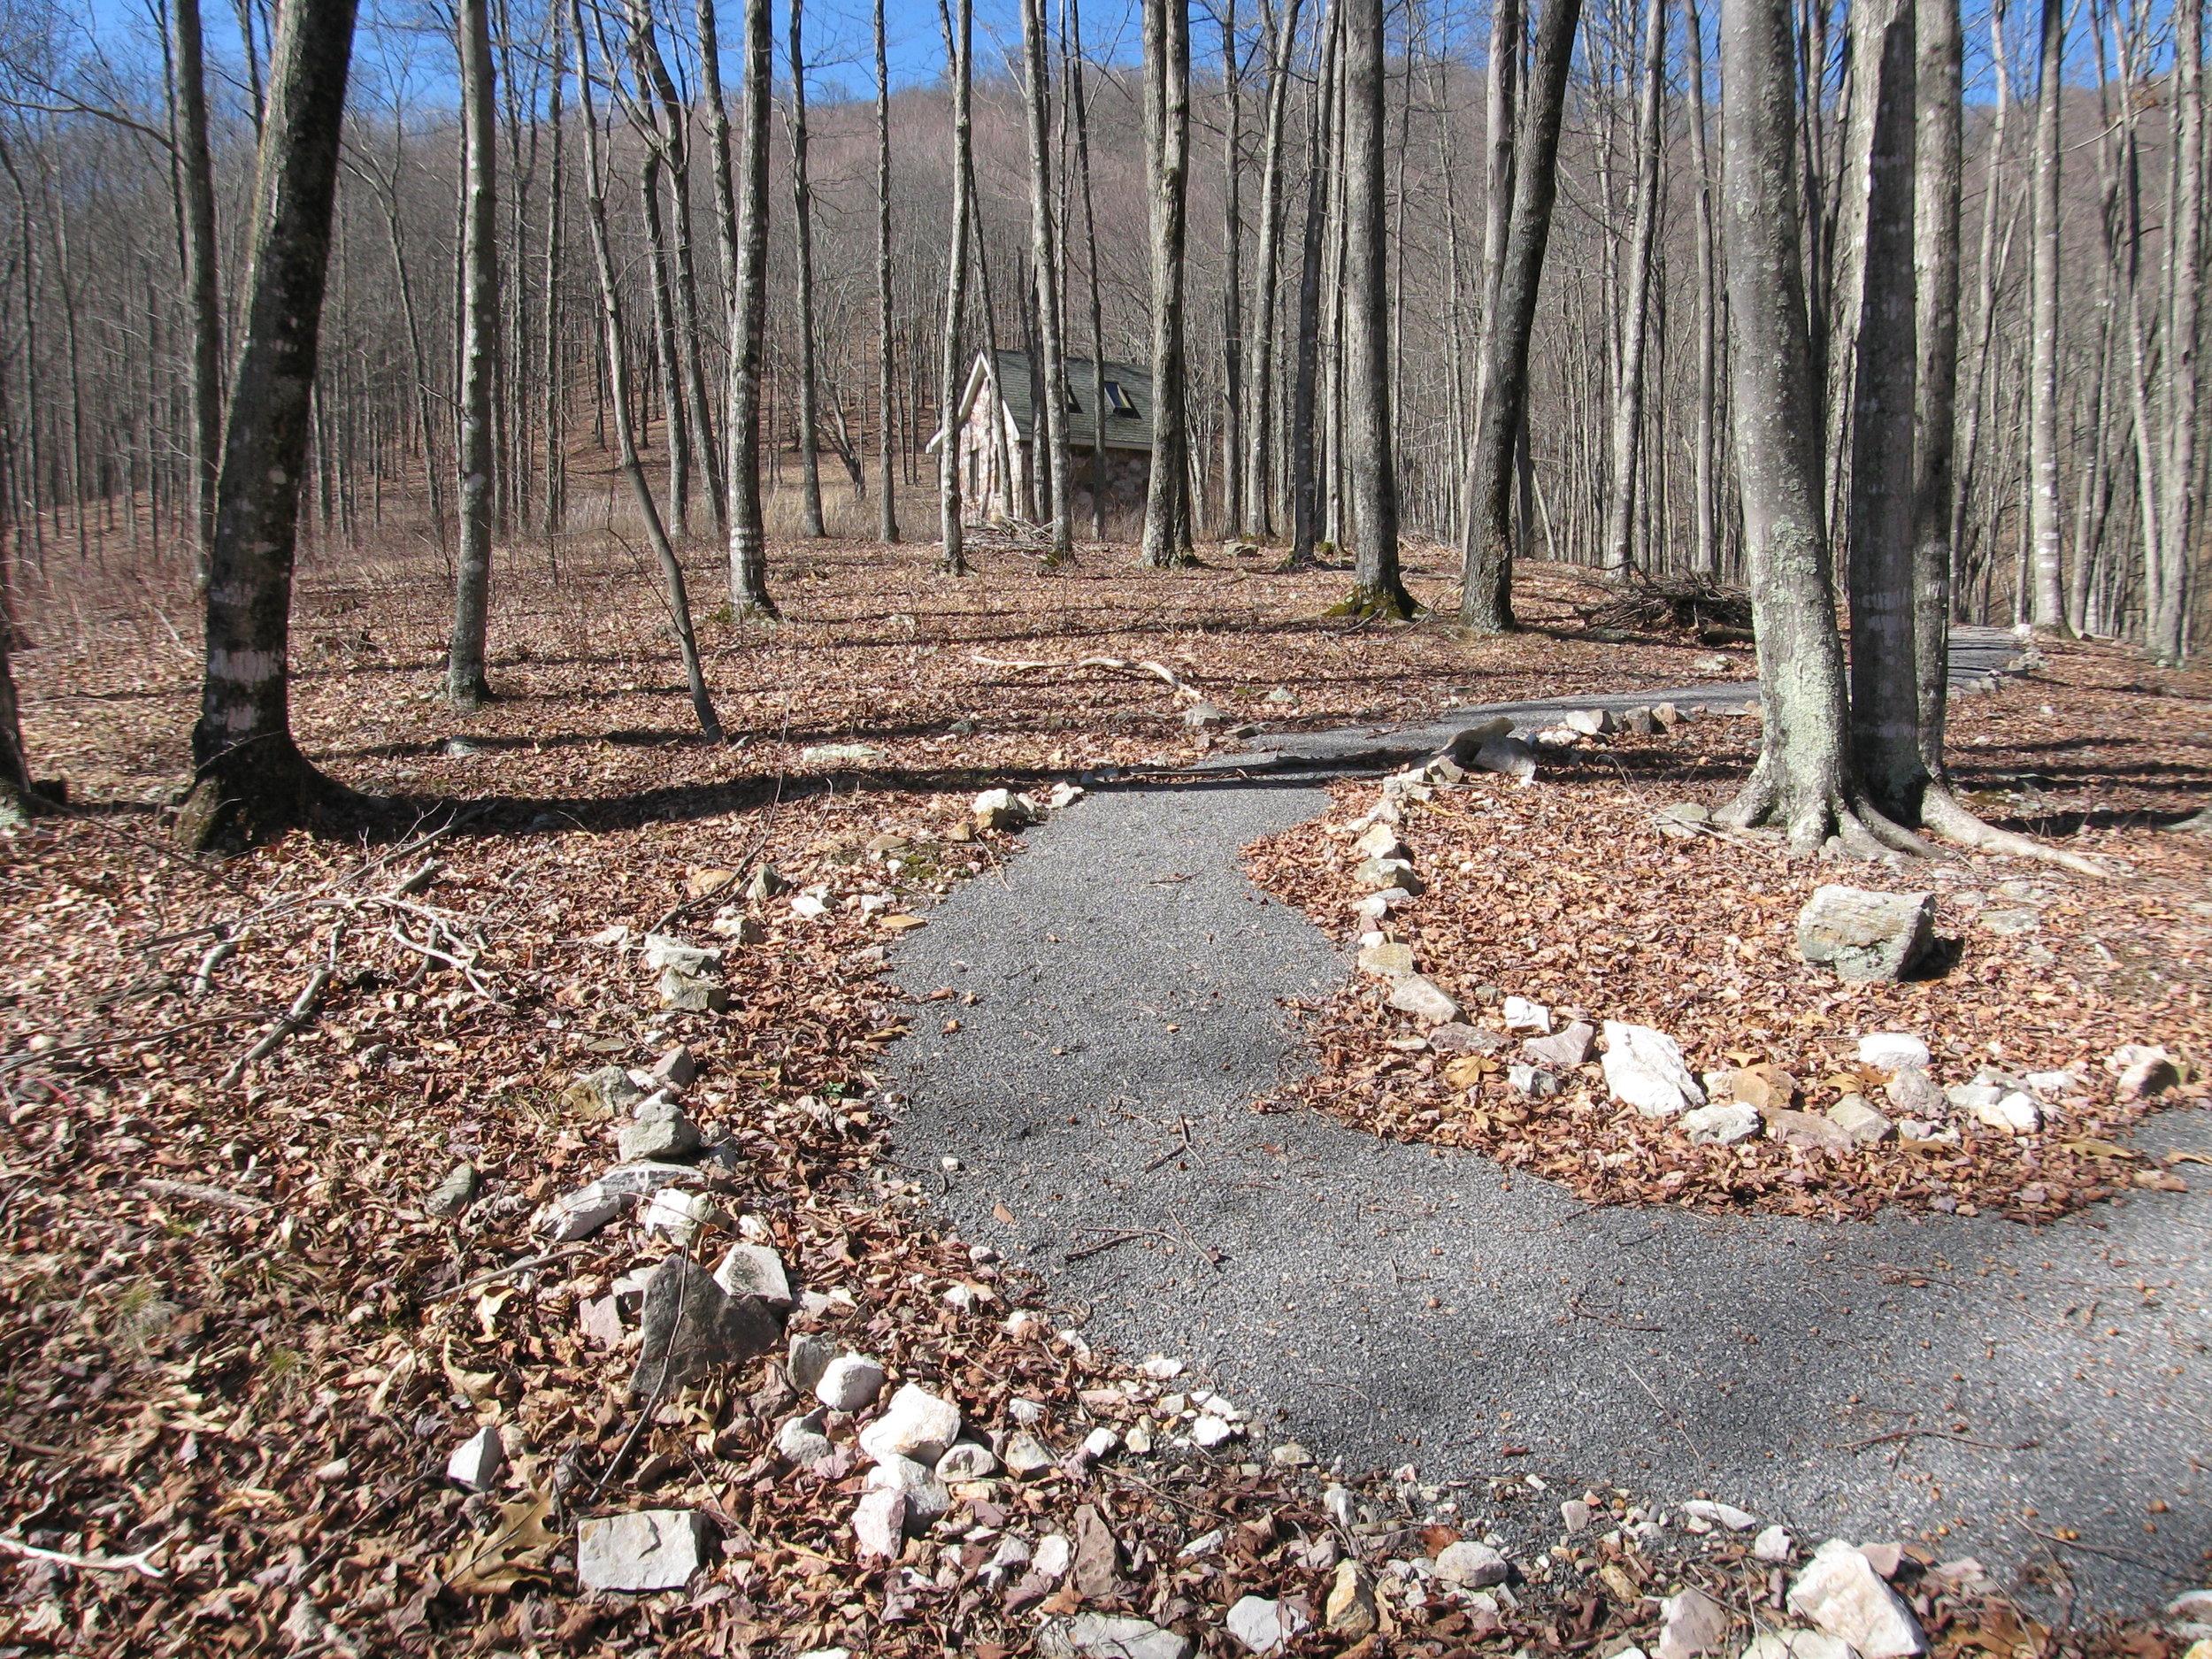 Typical Gravel Walking/Hiking/Bike Paths